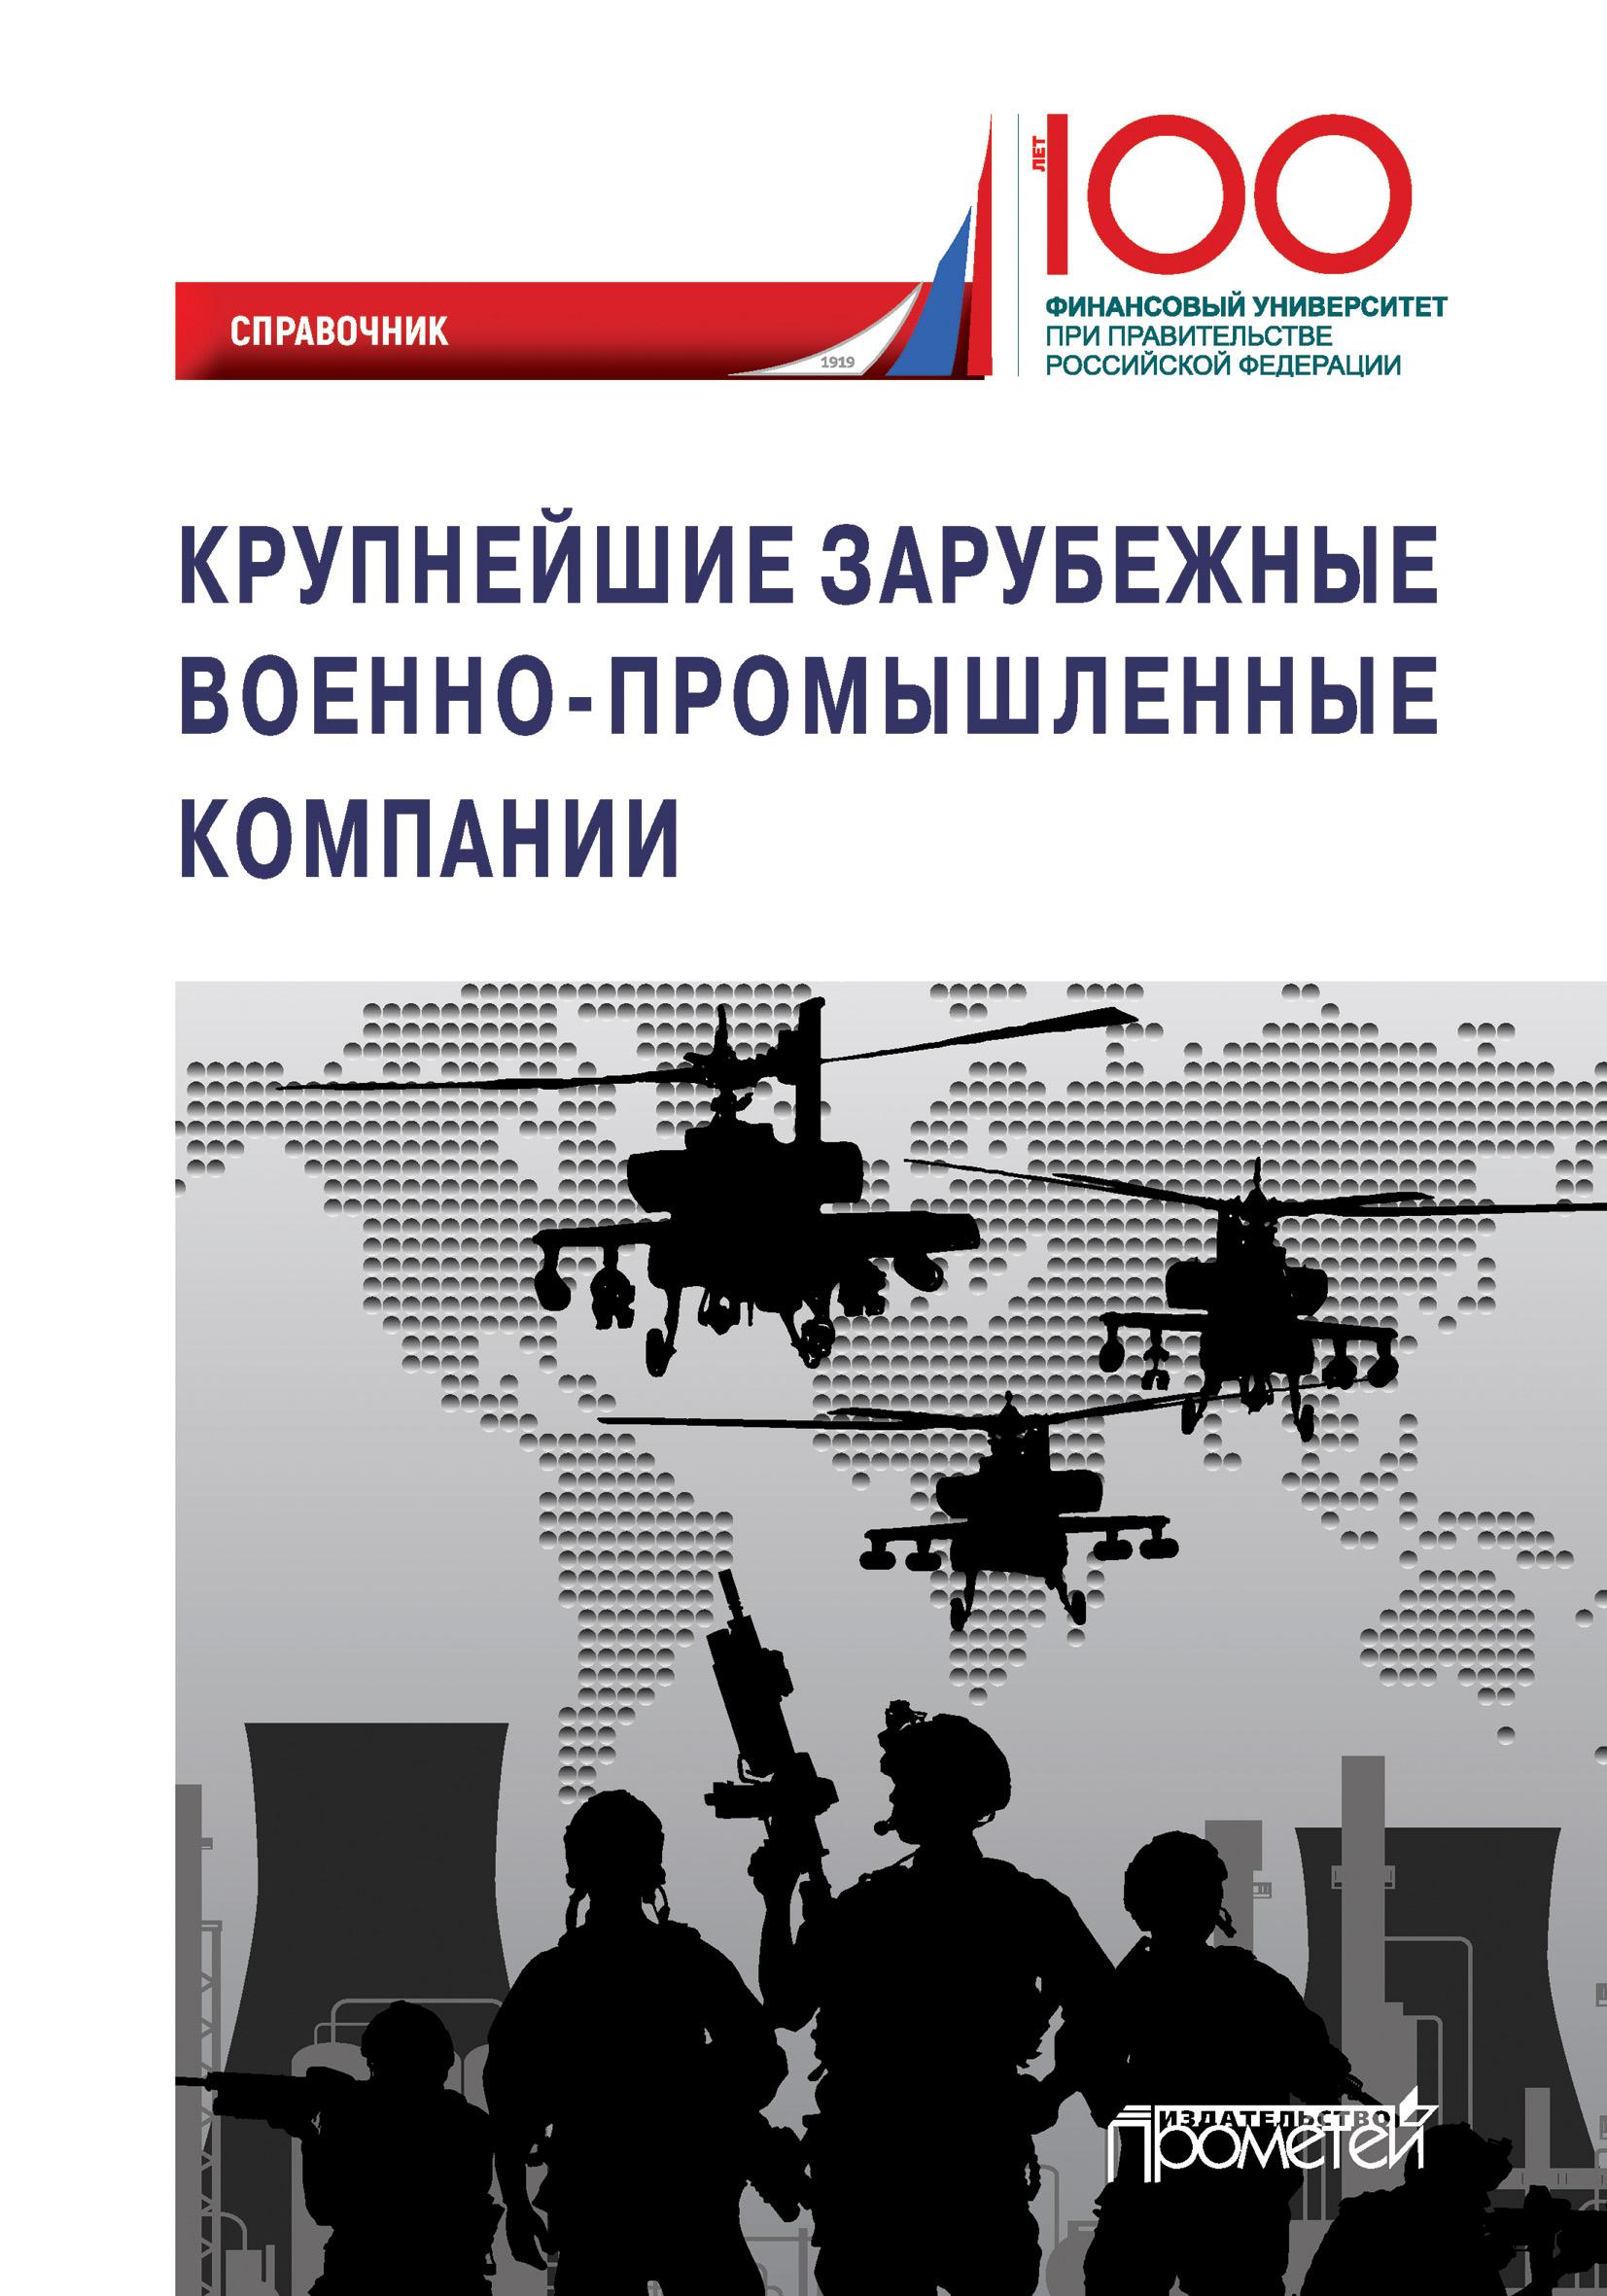 Коллектив авторов Крупнейшие зарубежные военно-промышленные компании косметика siberica официальный сайт каталог продукции